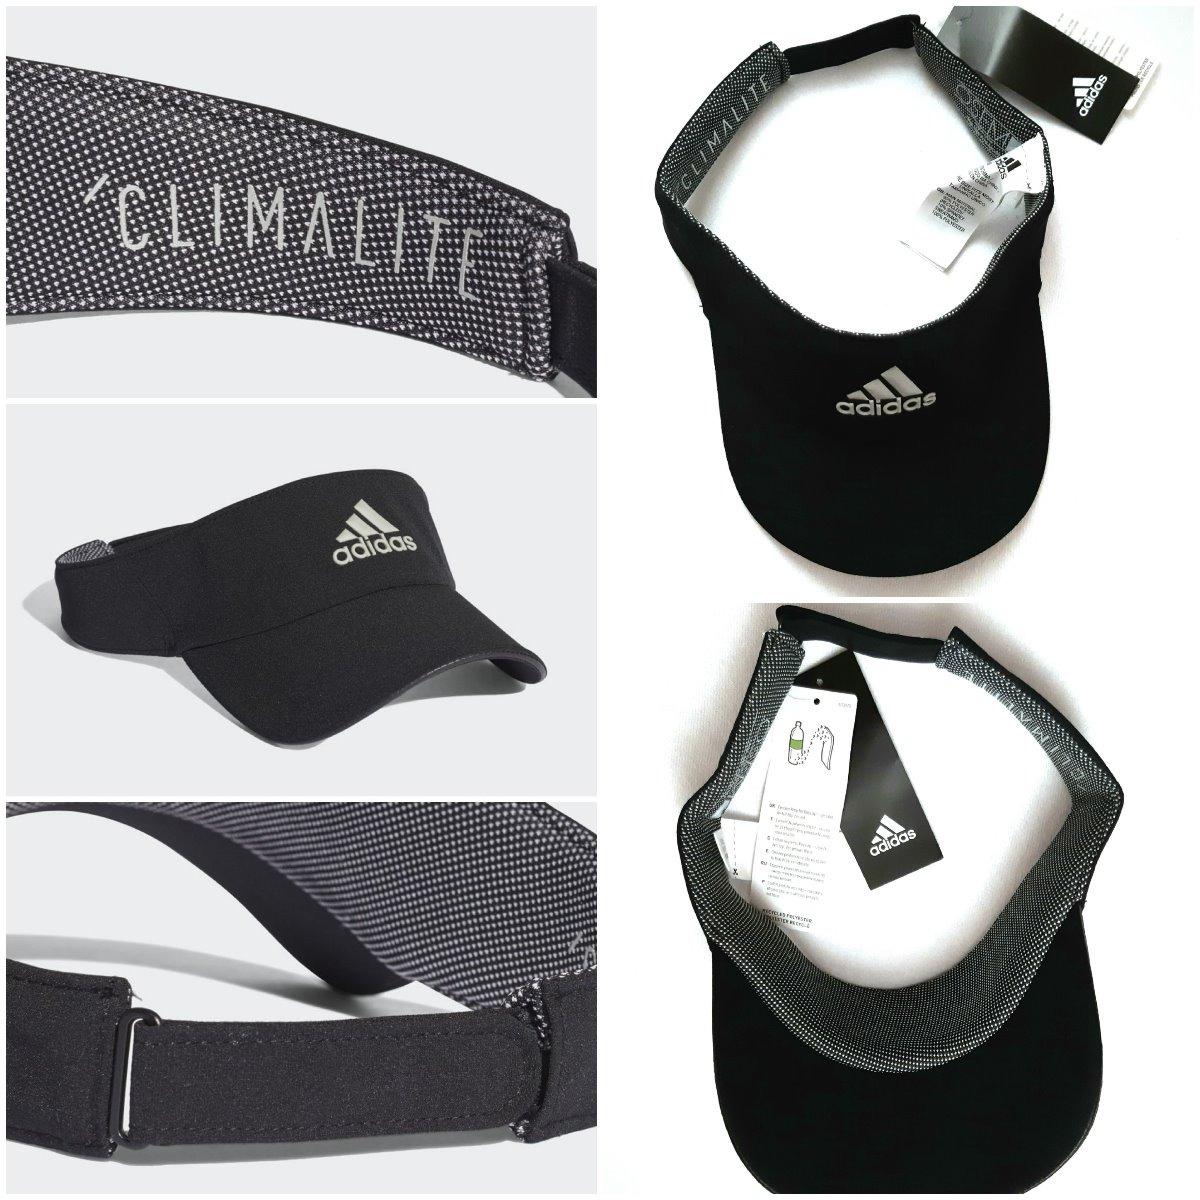 b453ef4c993e3 Visera adidas Climalite Upf50+ Original Nva Msi Envío Gratis ...